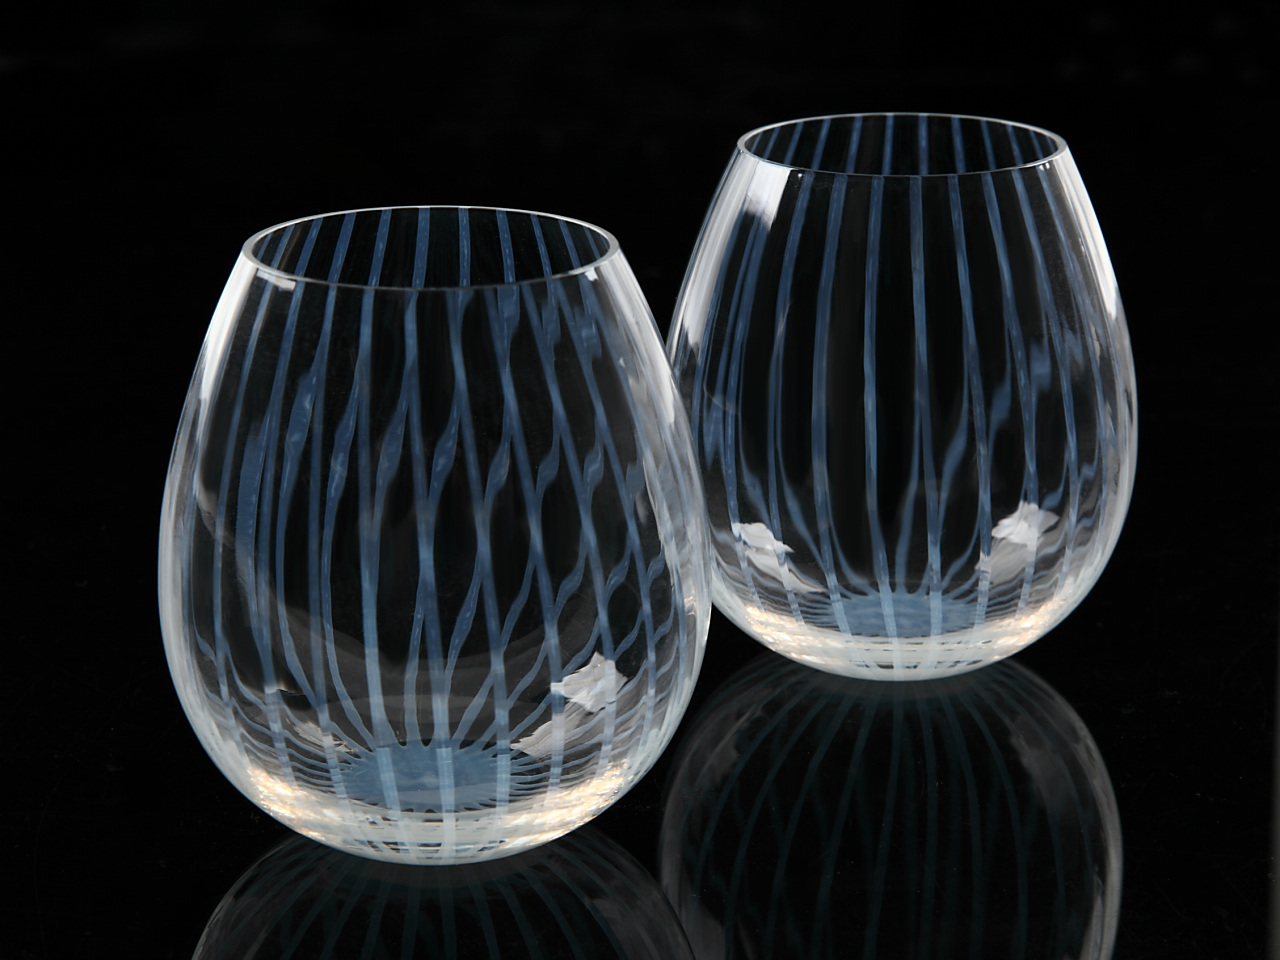 日本土産に、大正浪漫ガラス